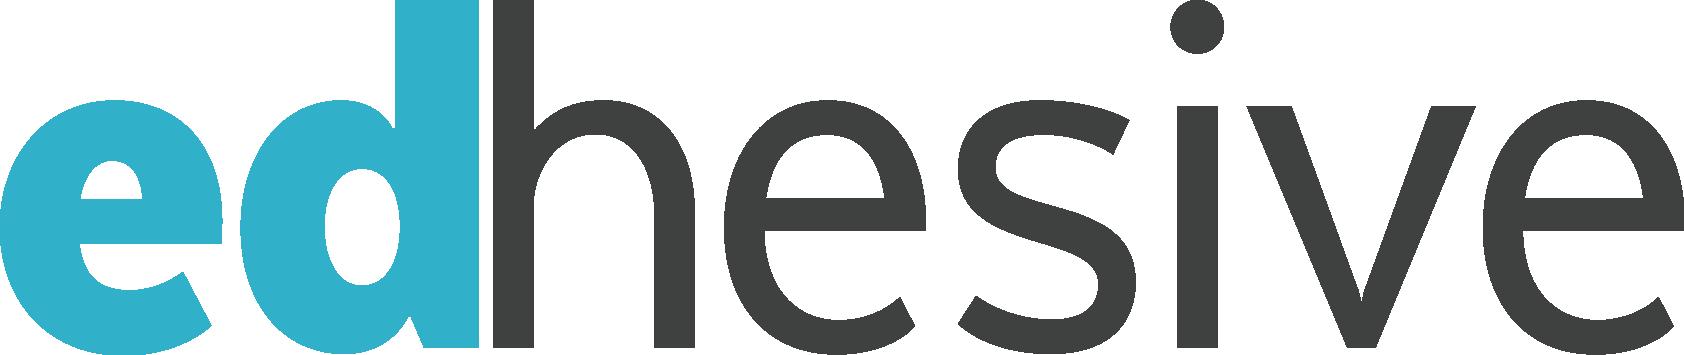 edhesive-logo.png